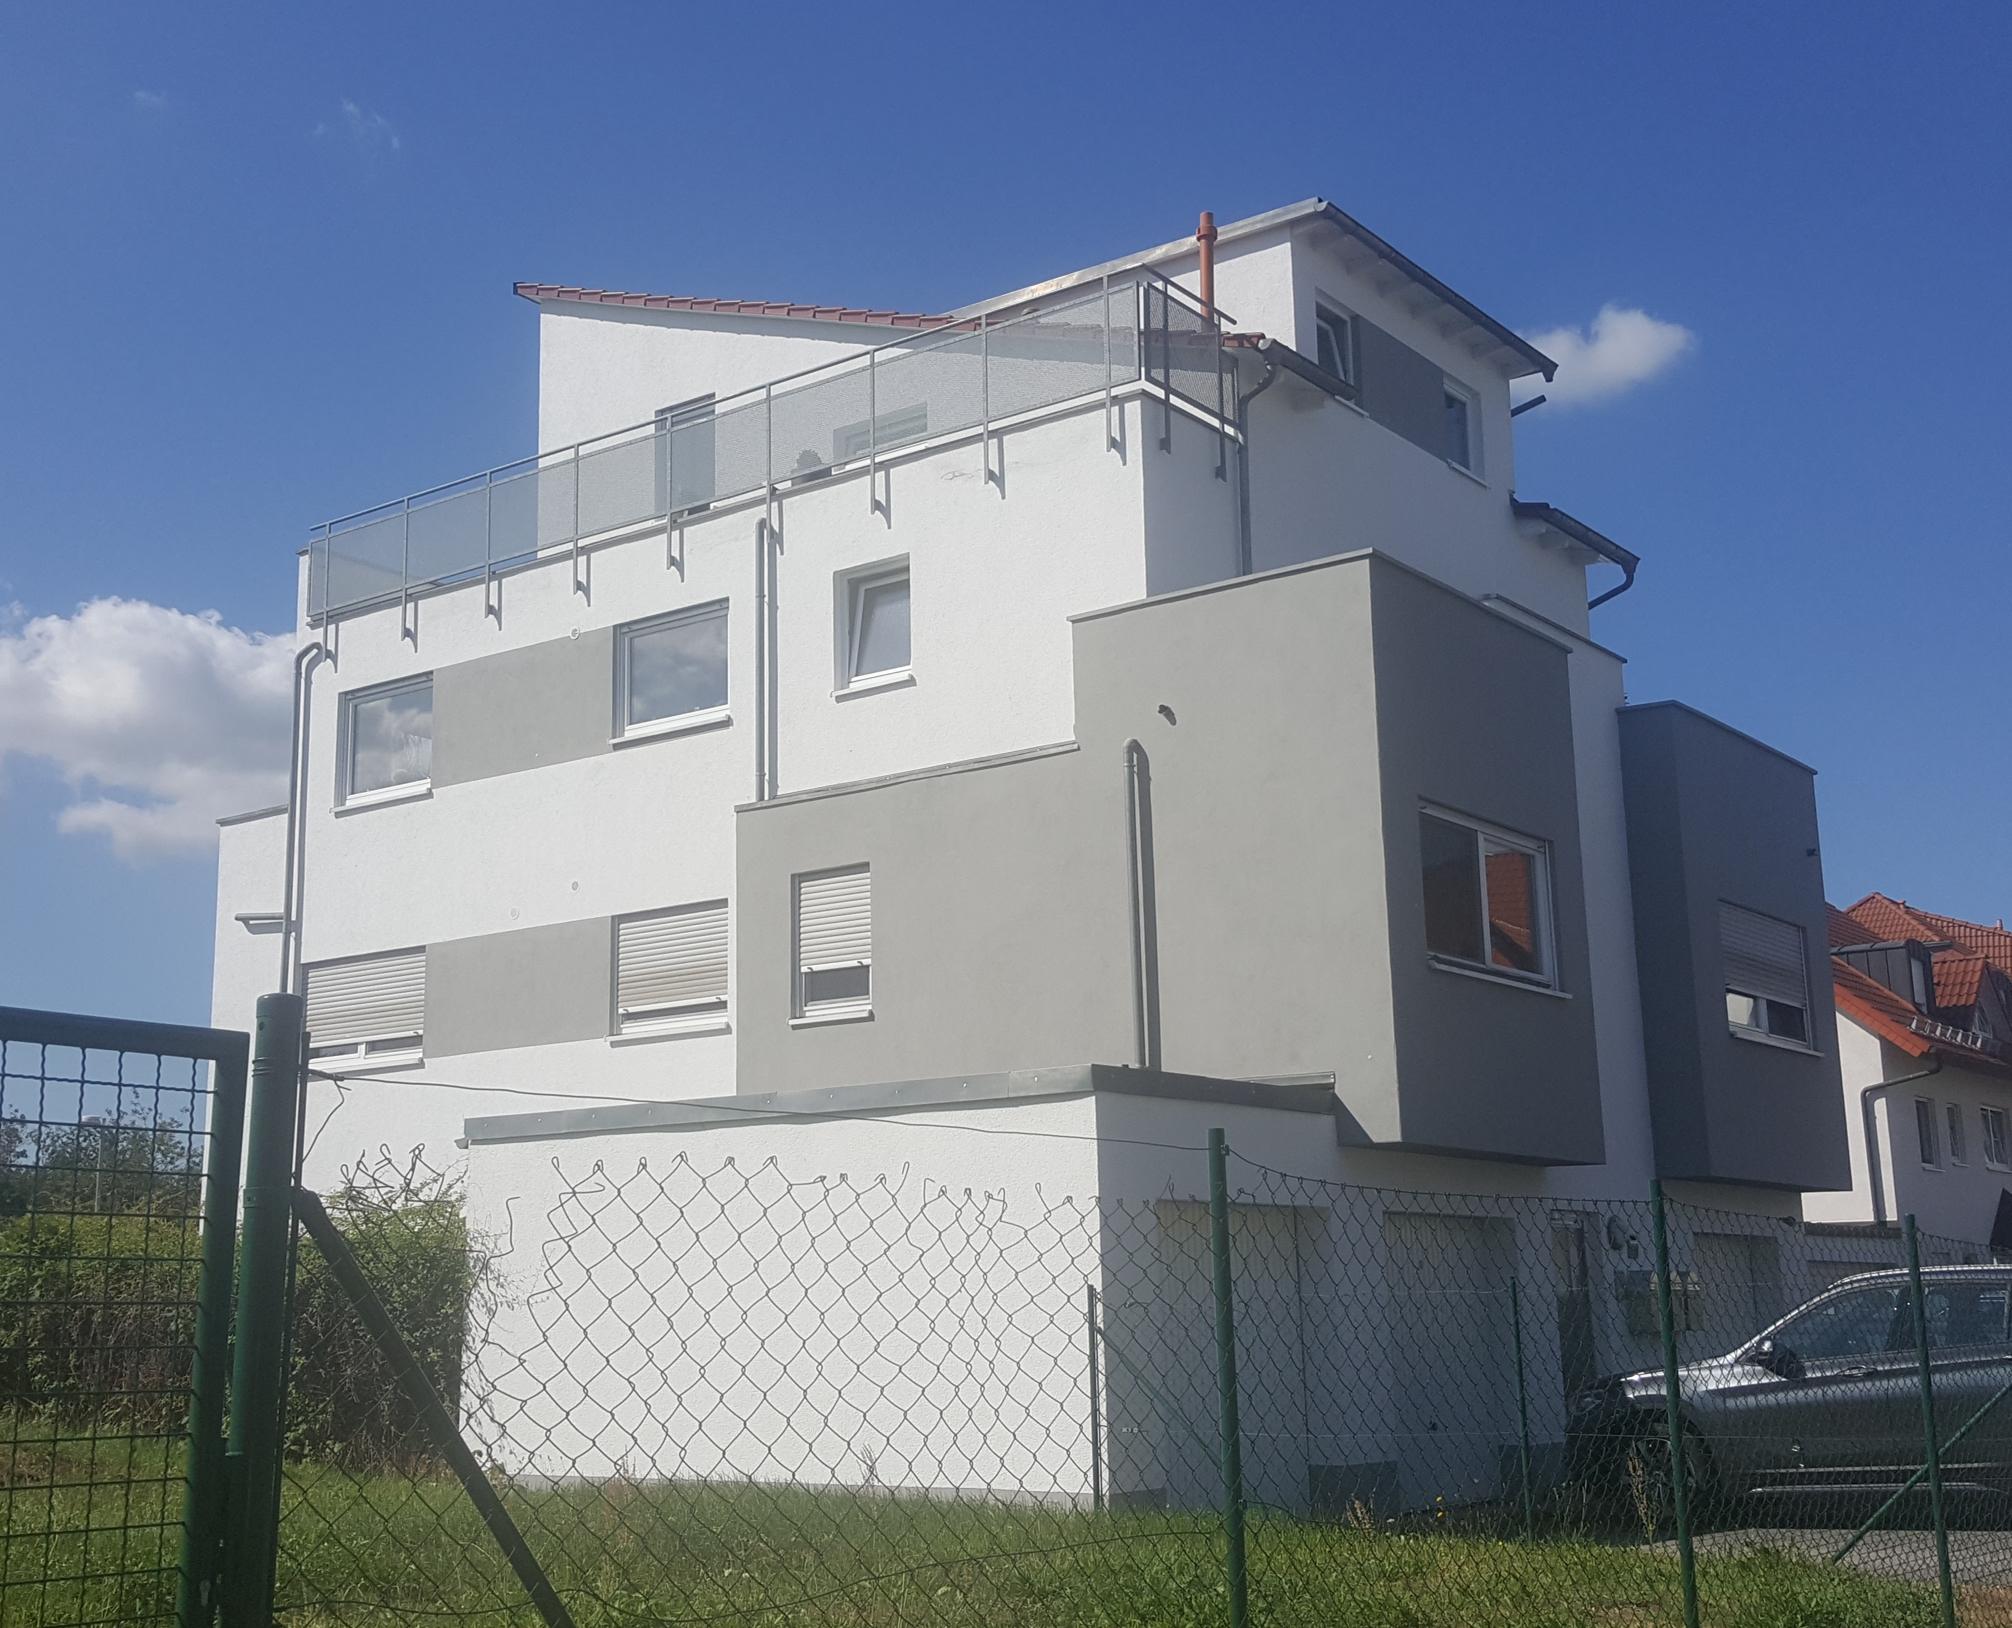 Mehrfamilienhaus in Mörfelden-Walldorf - 3 Wohneinheiten